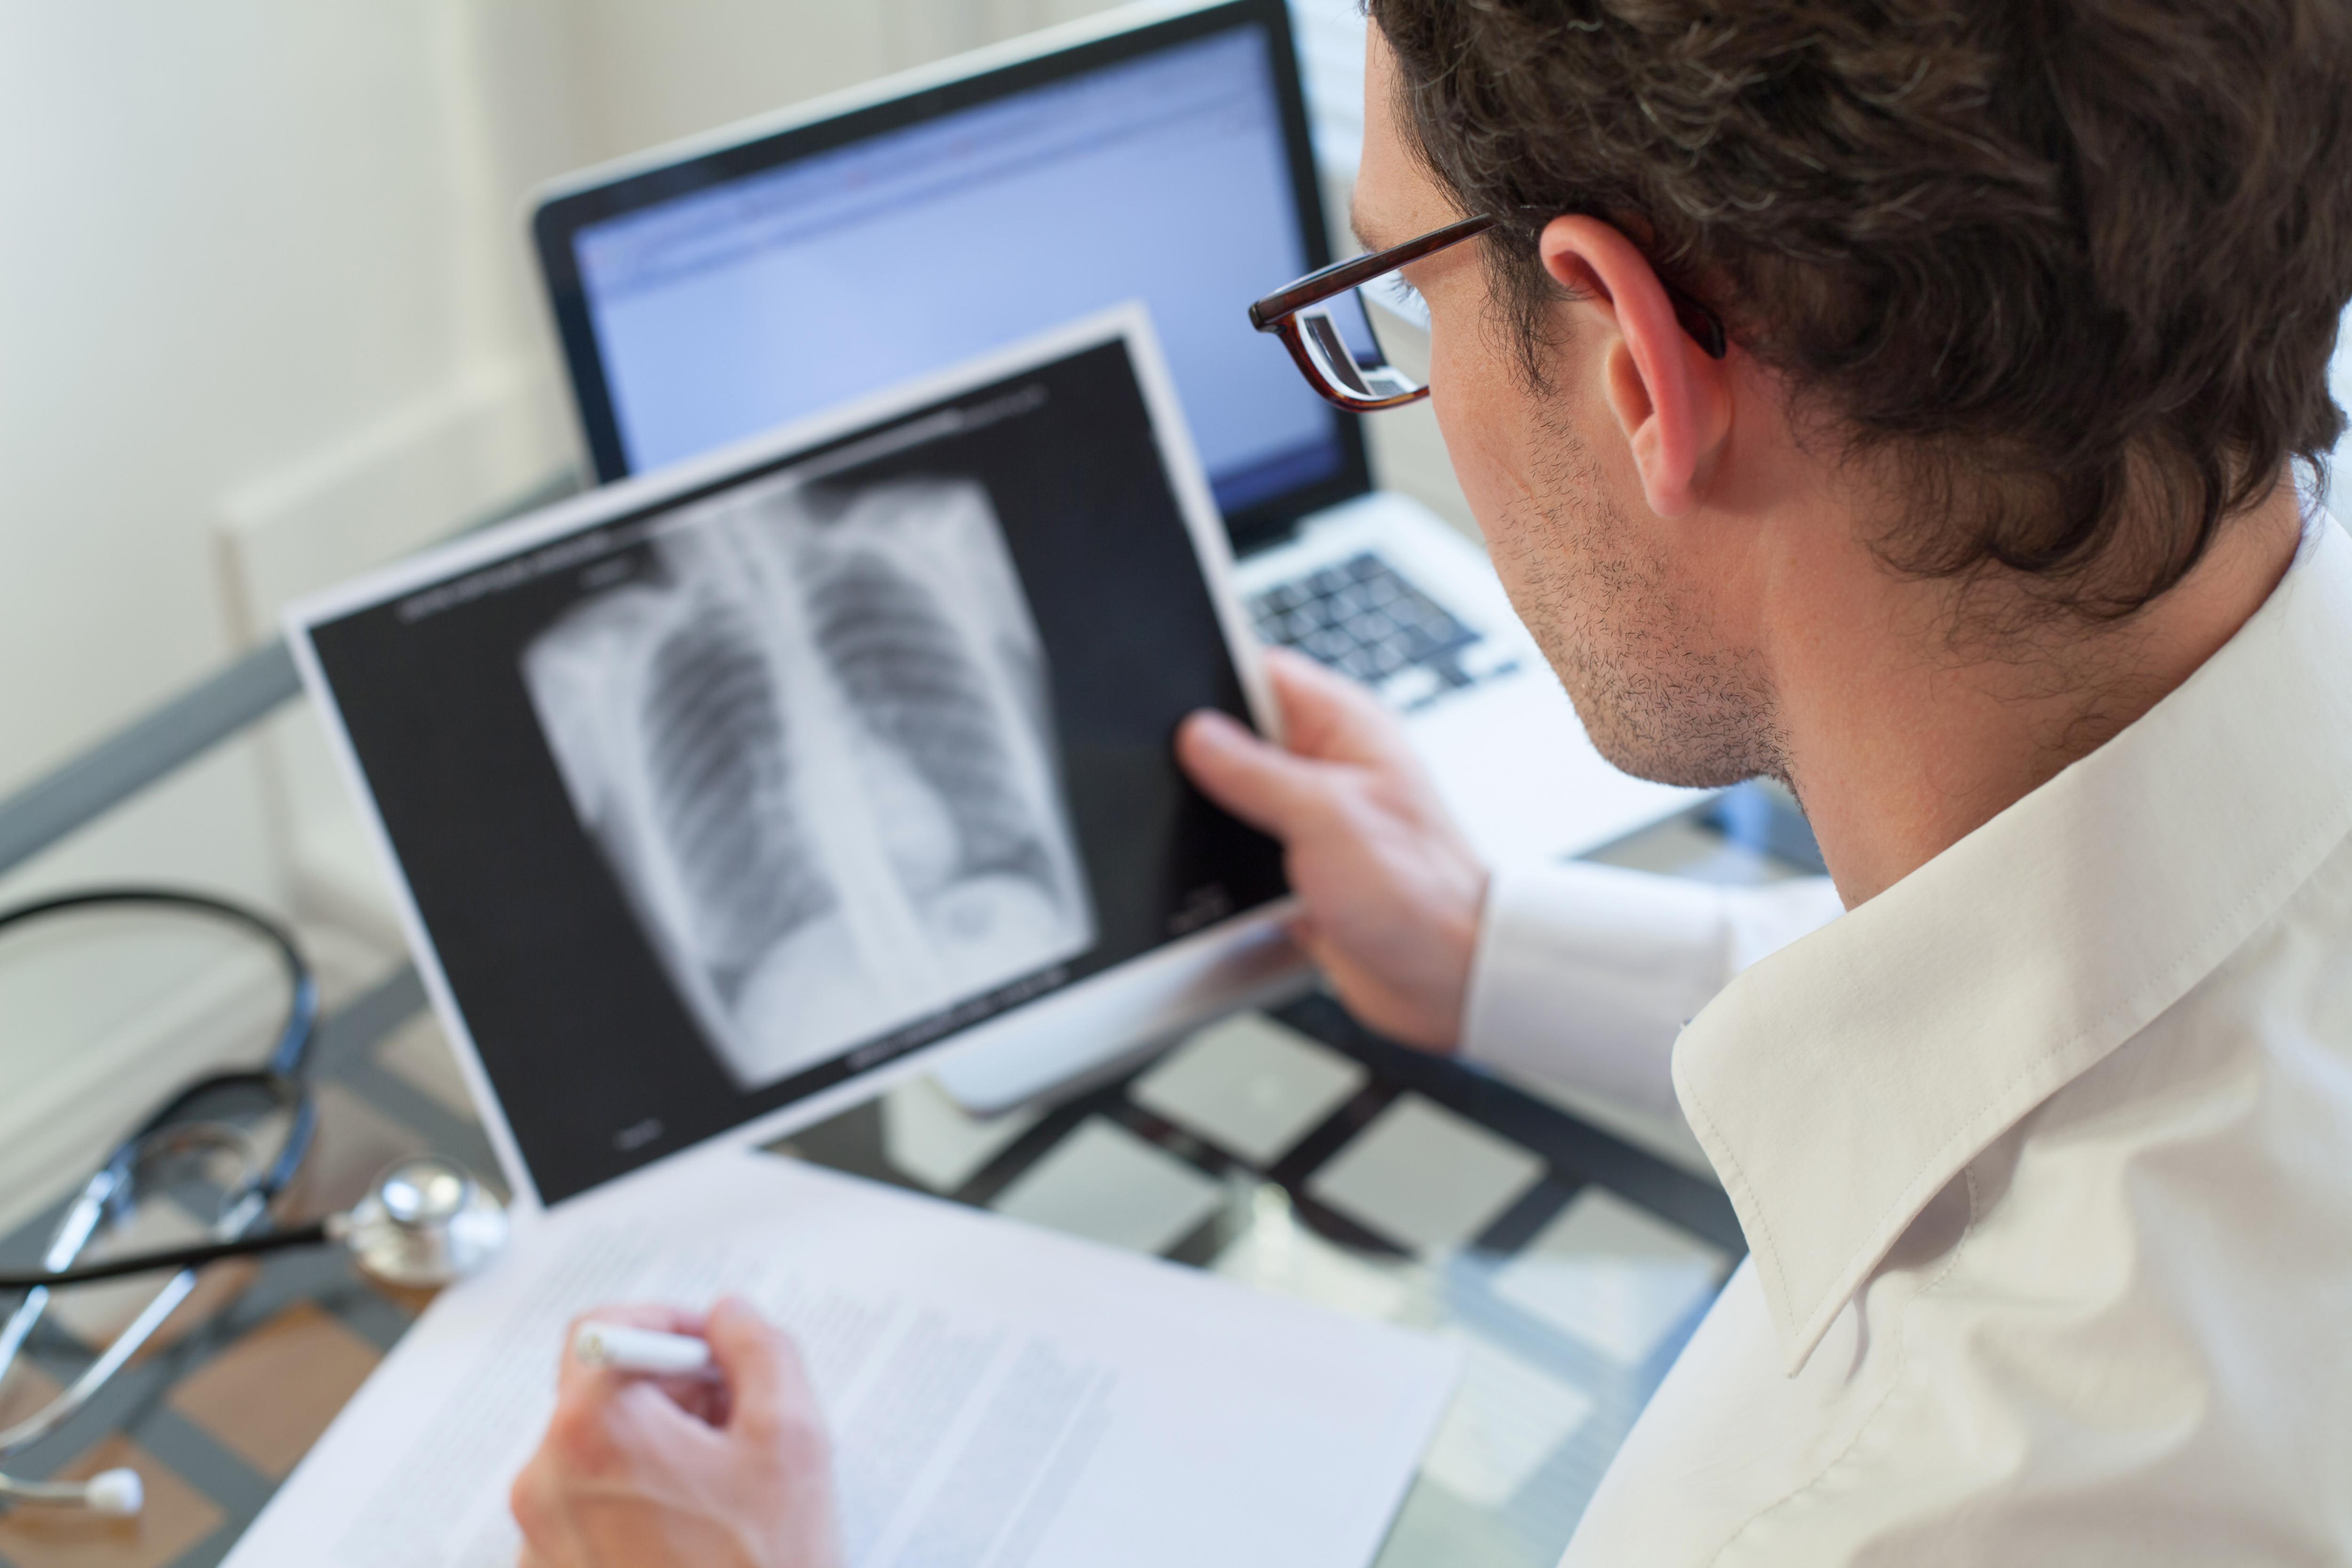 Antalet upptäckta fall av tuberkulos i Sverige har enligt Folkhälsomyndigheten fördubblats på de senaste tio åren.